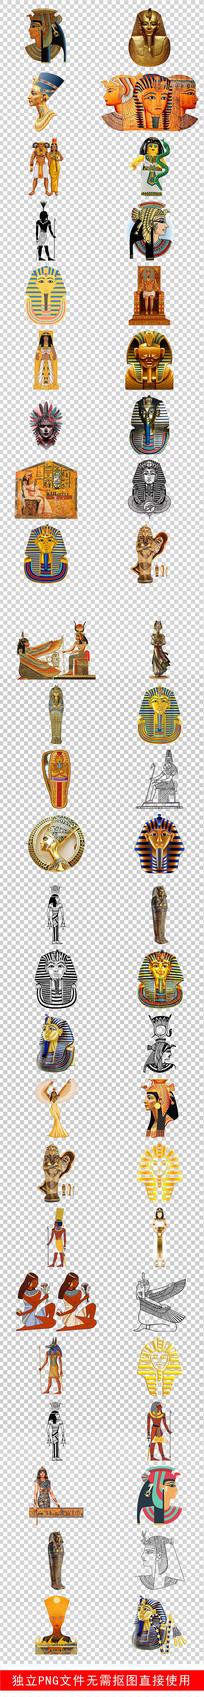 古代埃及旅游知识手绘素材 PNG